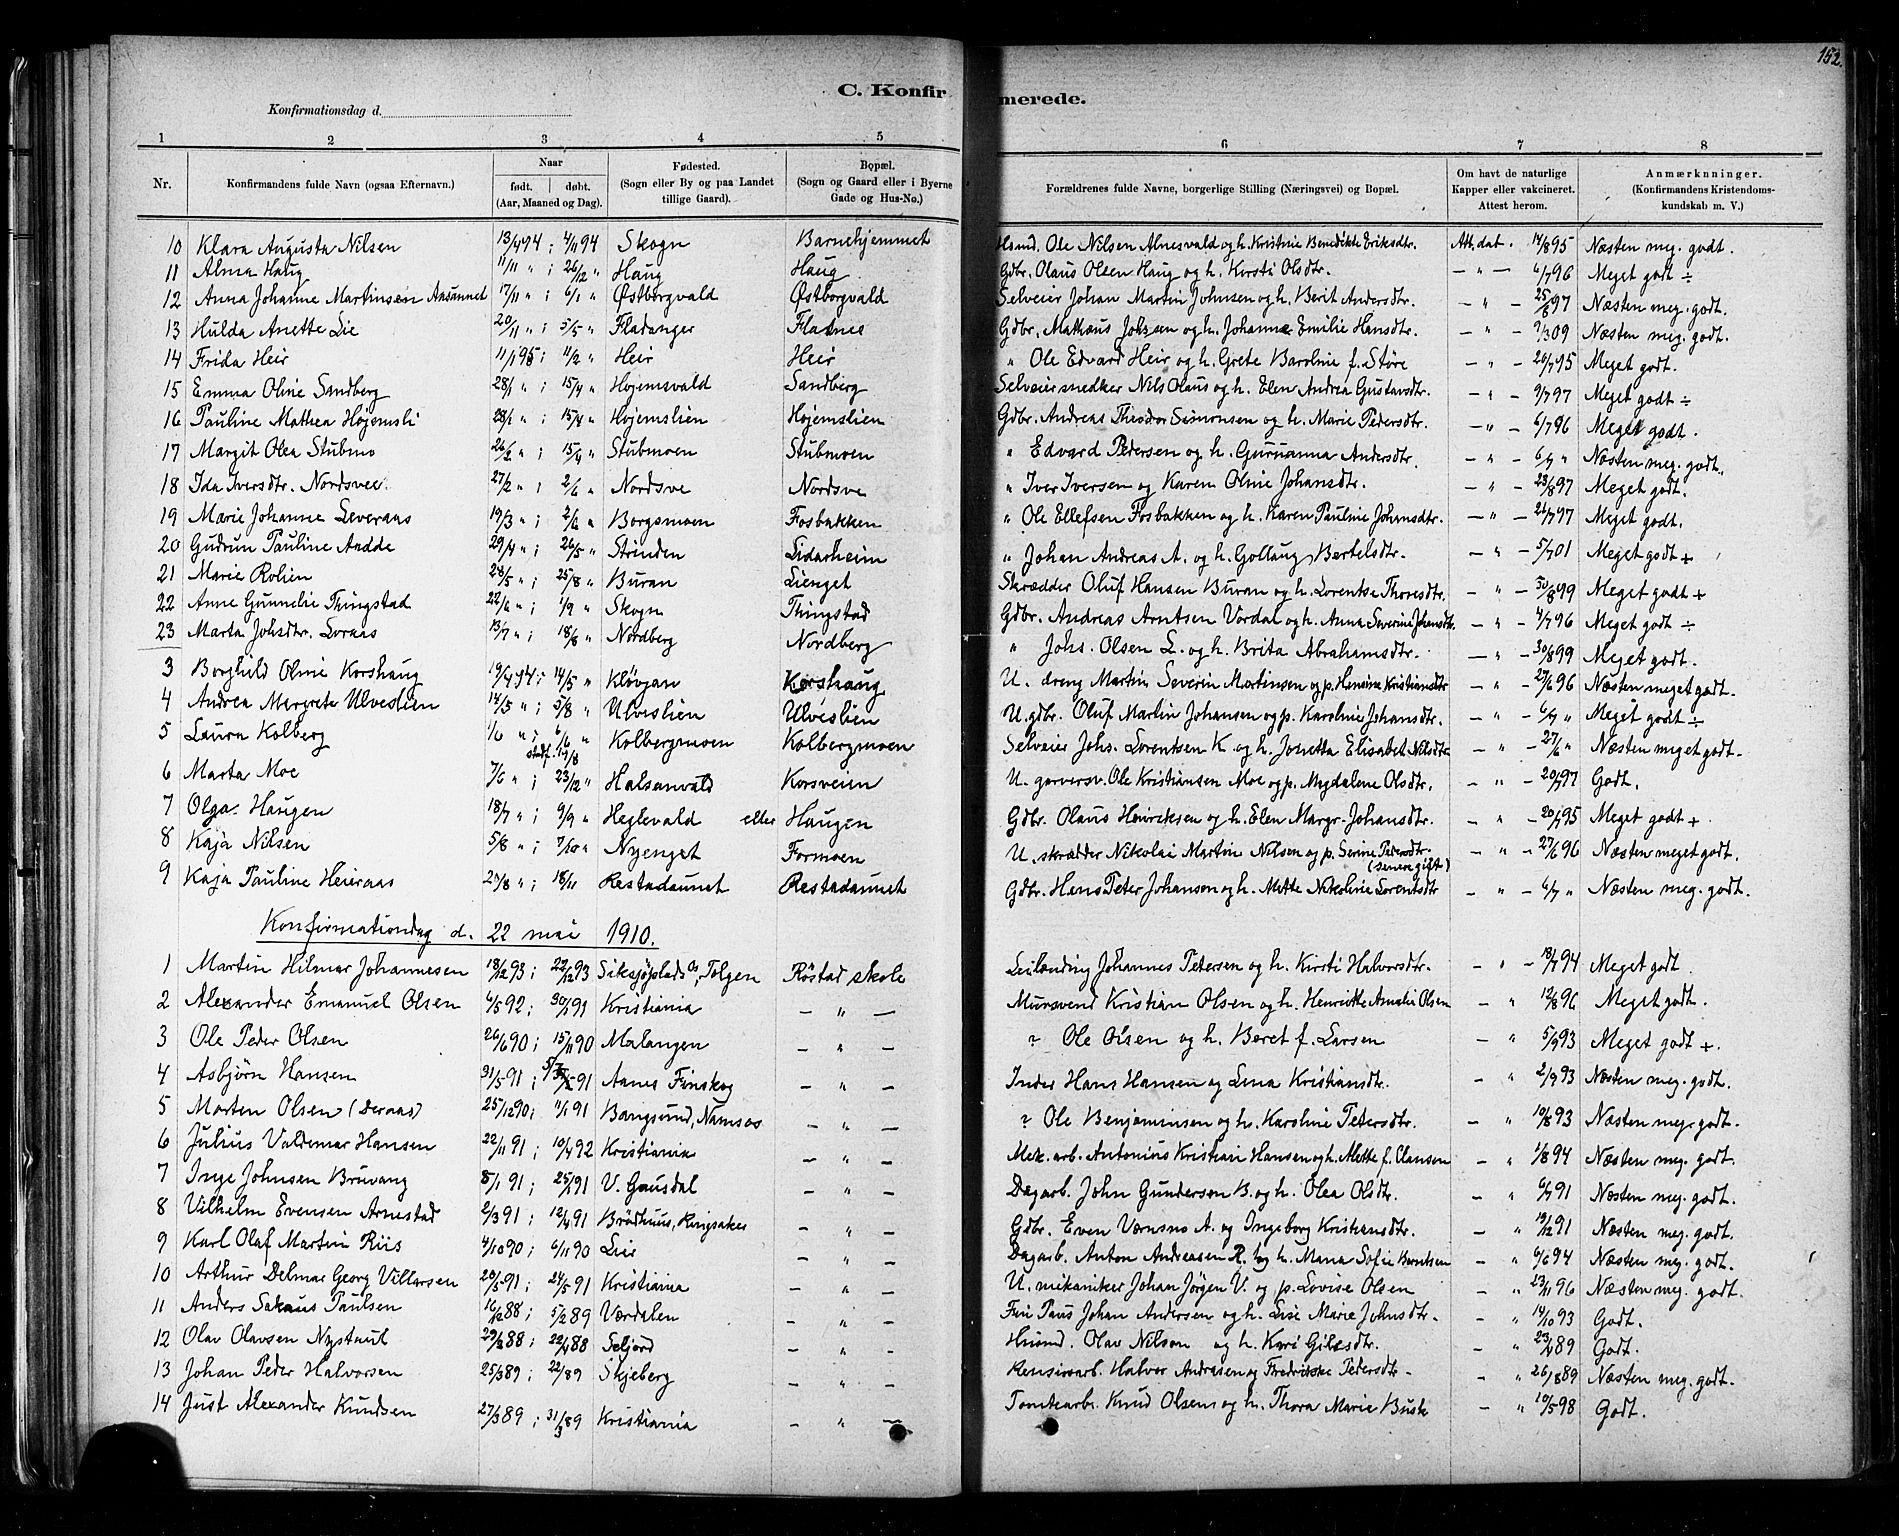 SAT, Ministerialprotokoller, klokkerbøker og fødselsregistre - Nord-Trøndelag, 721/L0208: Klokkerbok nr. 721C01, 1880-1917, s. 152